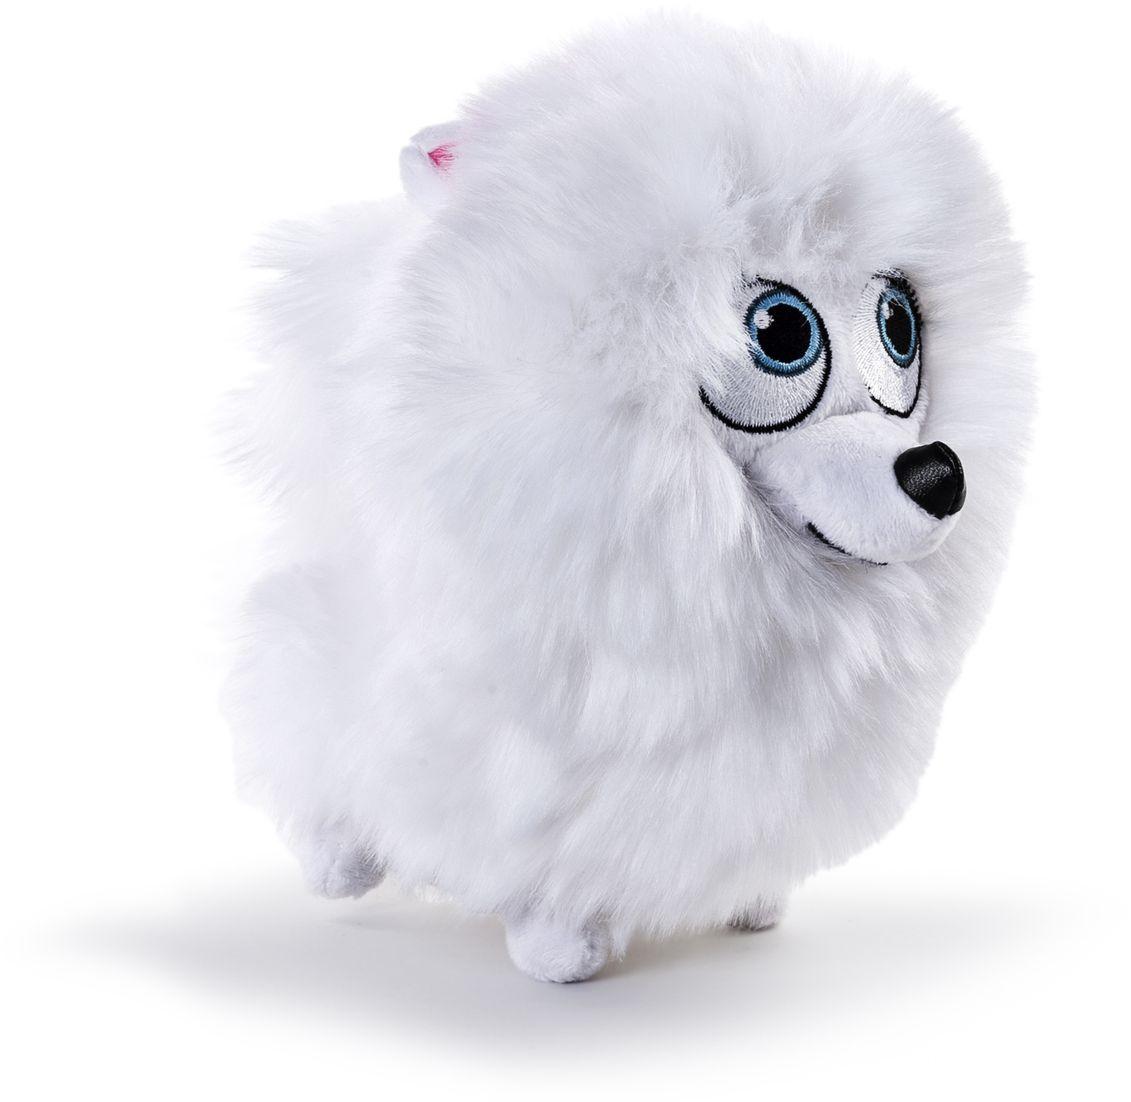 Secret Life of Pets Мягкая игрушка Персонаж 7280472804Плюшевая игрушка с изображением одного из героев мультфильма Тайная жизнь домашних животных.